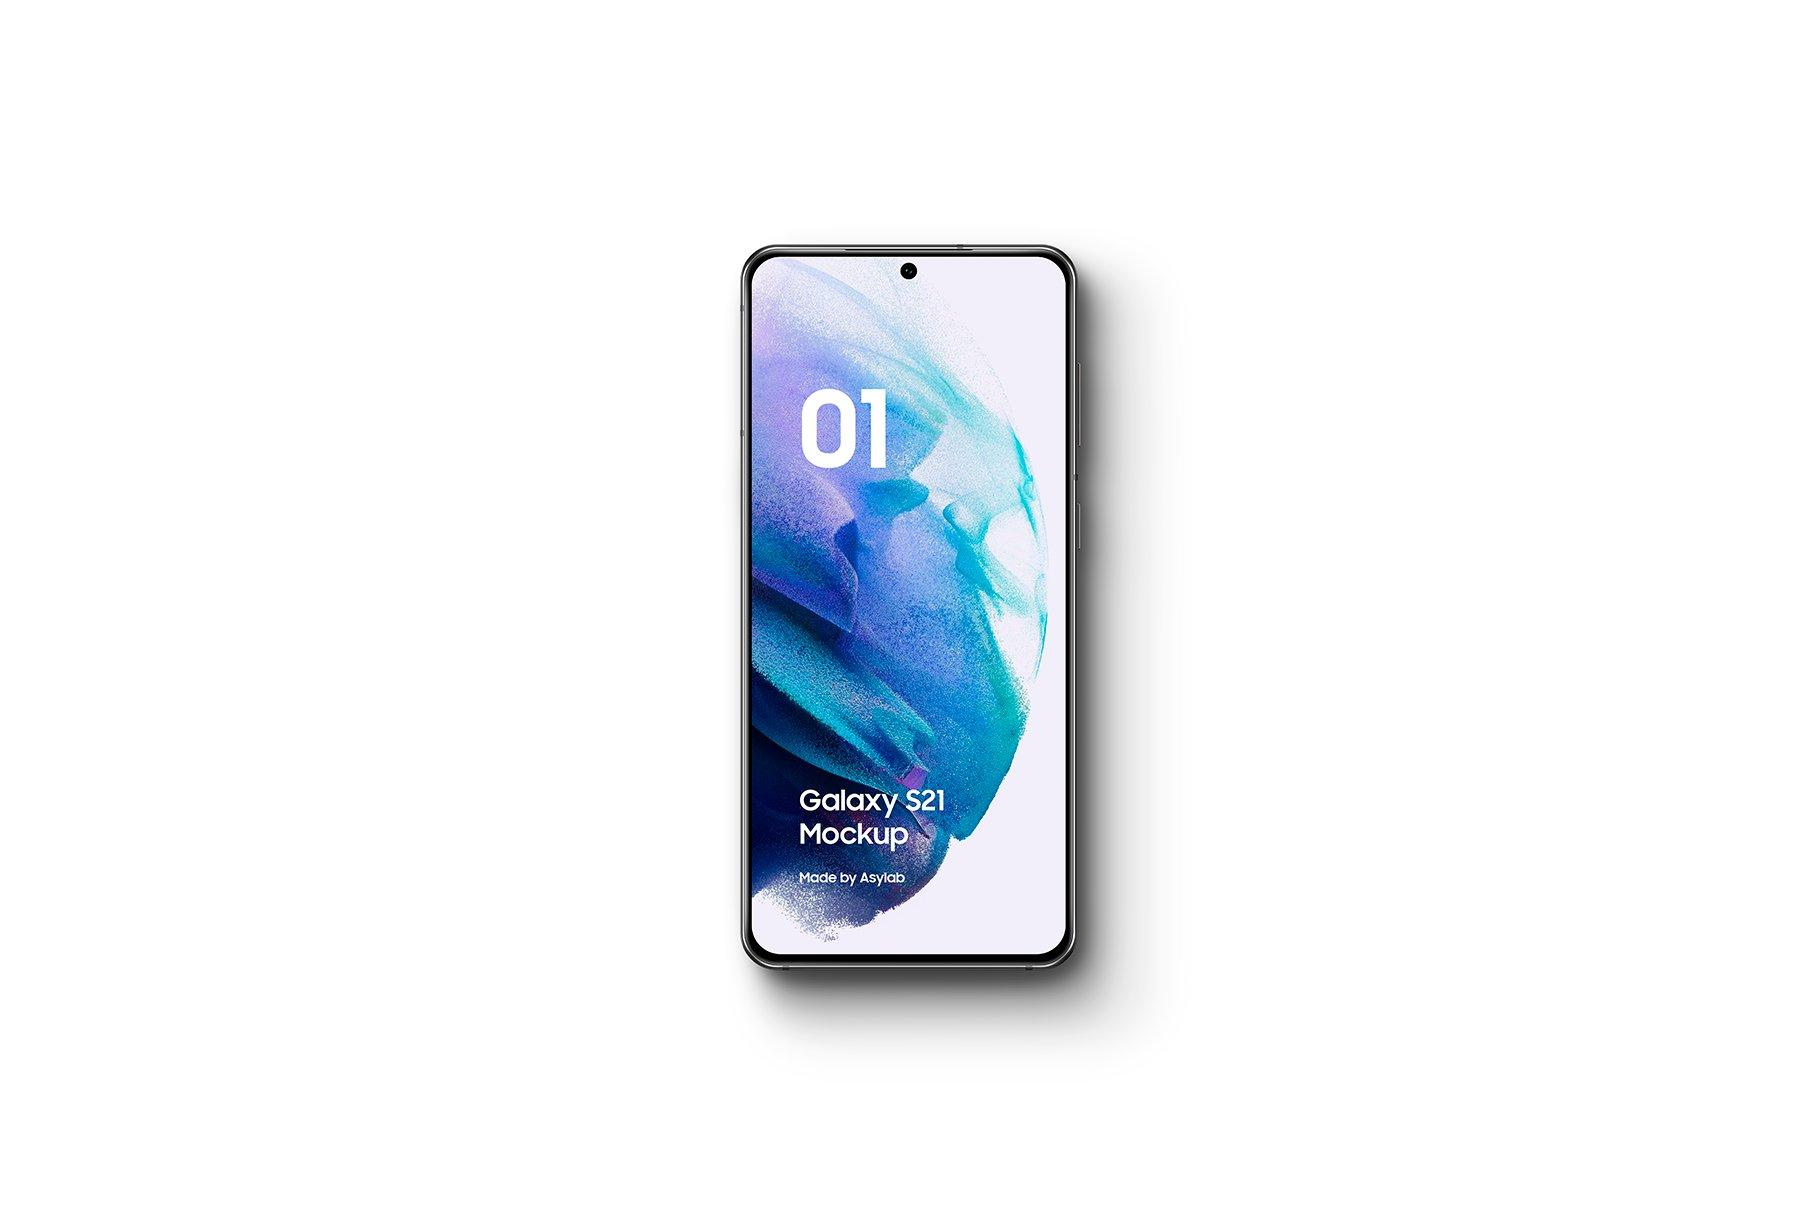 [单独购买] 20款三星Galaxy S21手机网站APP界面设计演示样机模板套件 Galaxy S21 – 20 Mockups Scenes插图5